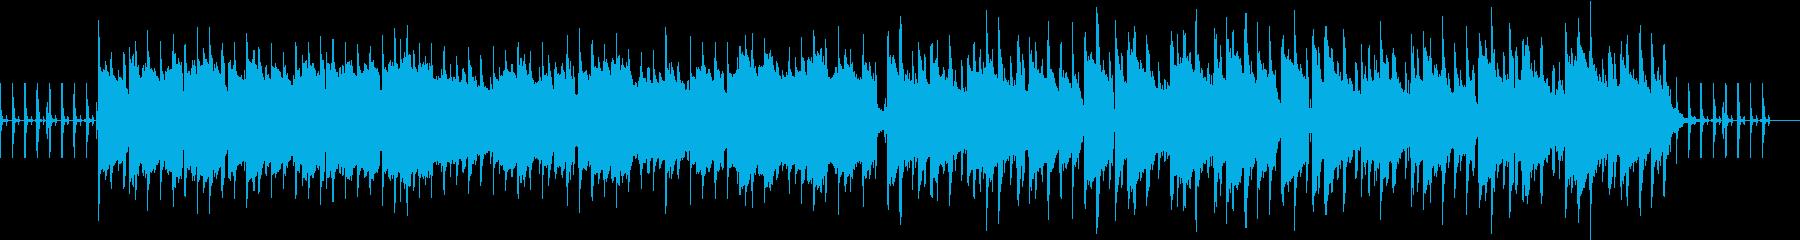 トレーニング・ストレッチ用 100BPMの再生済みの波形